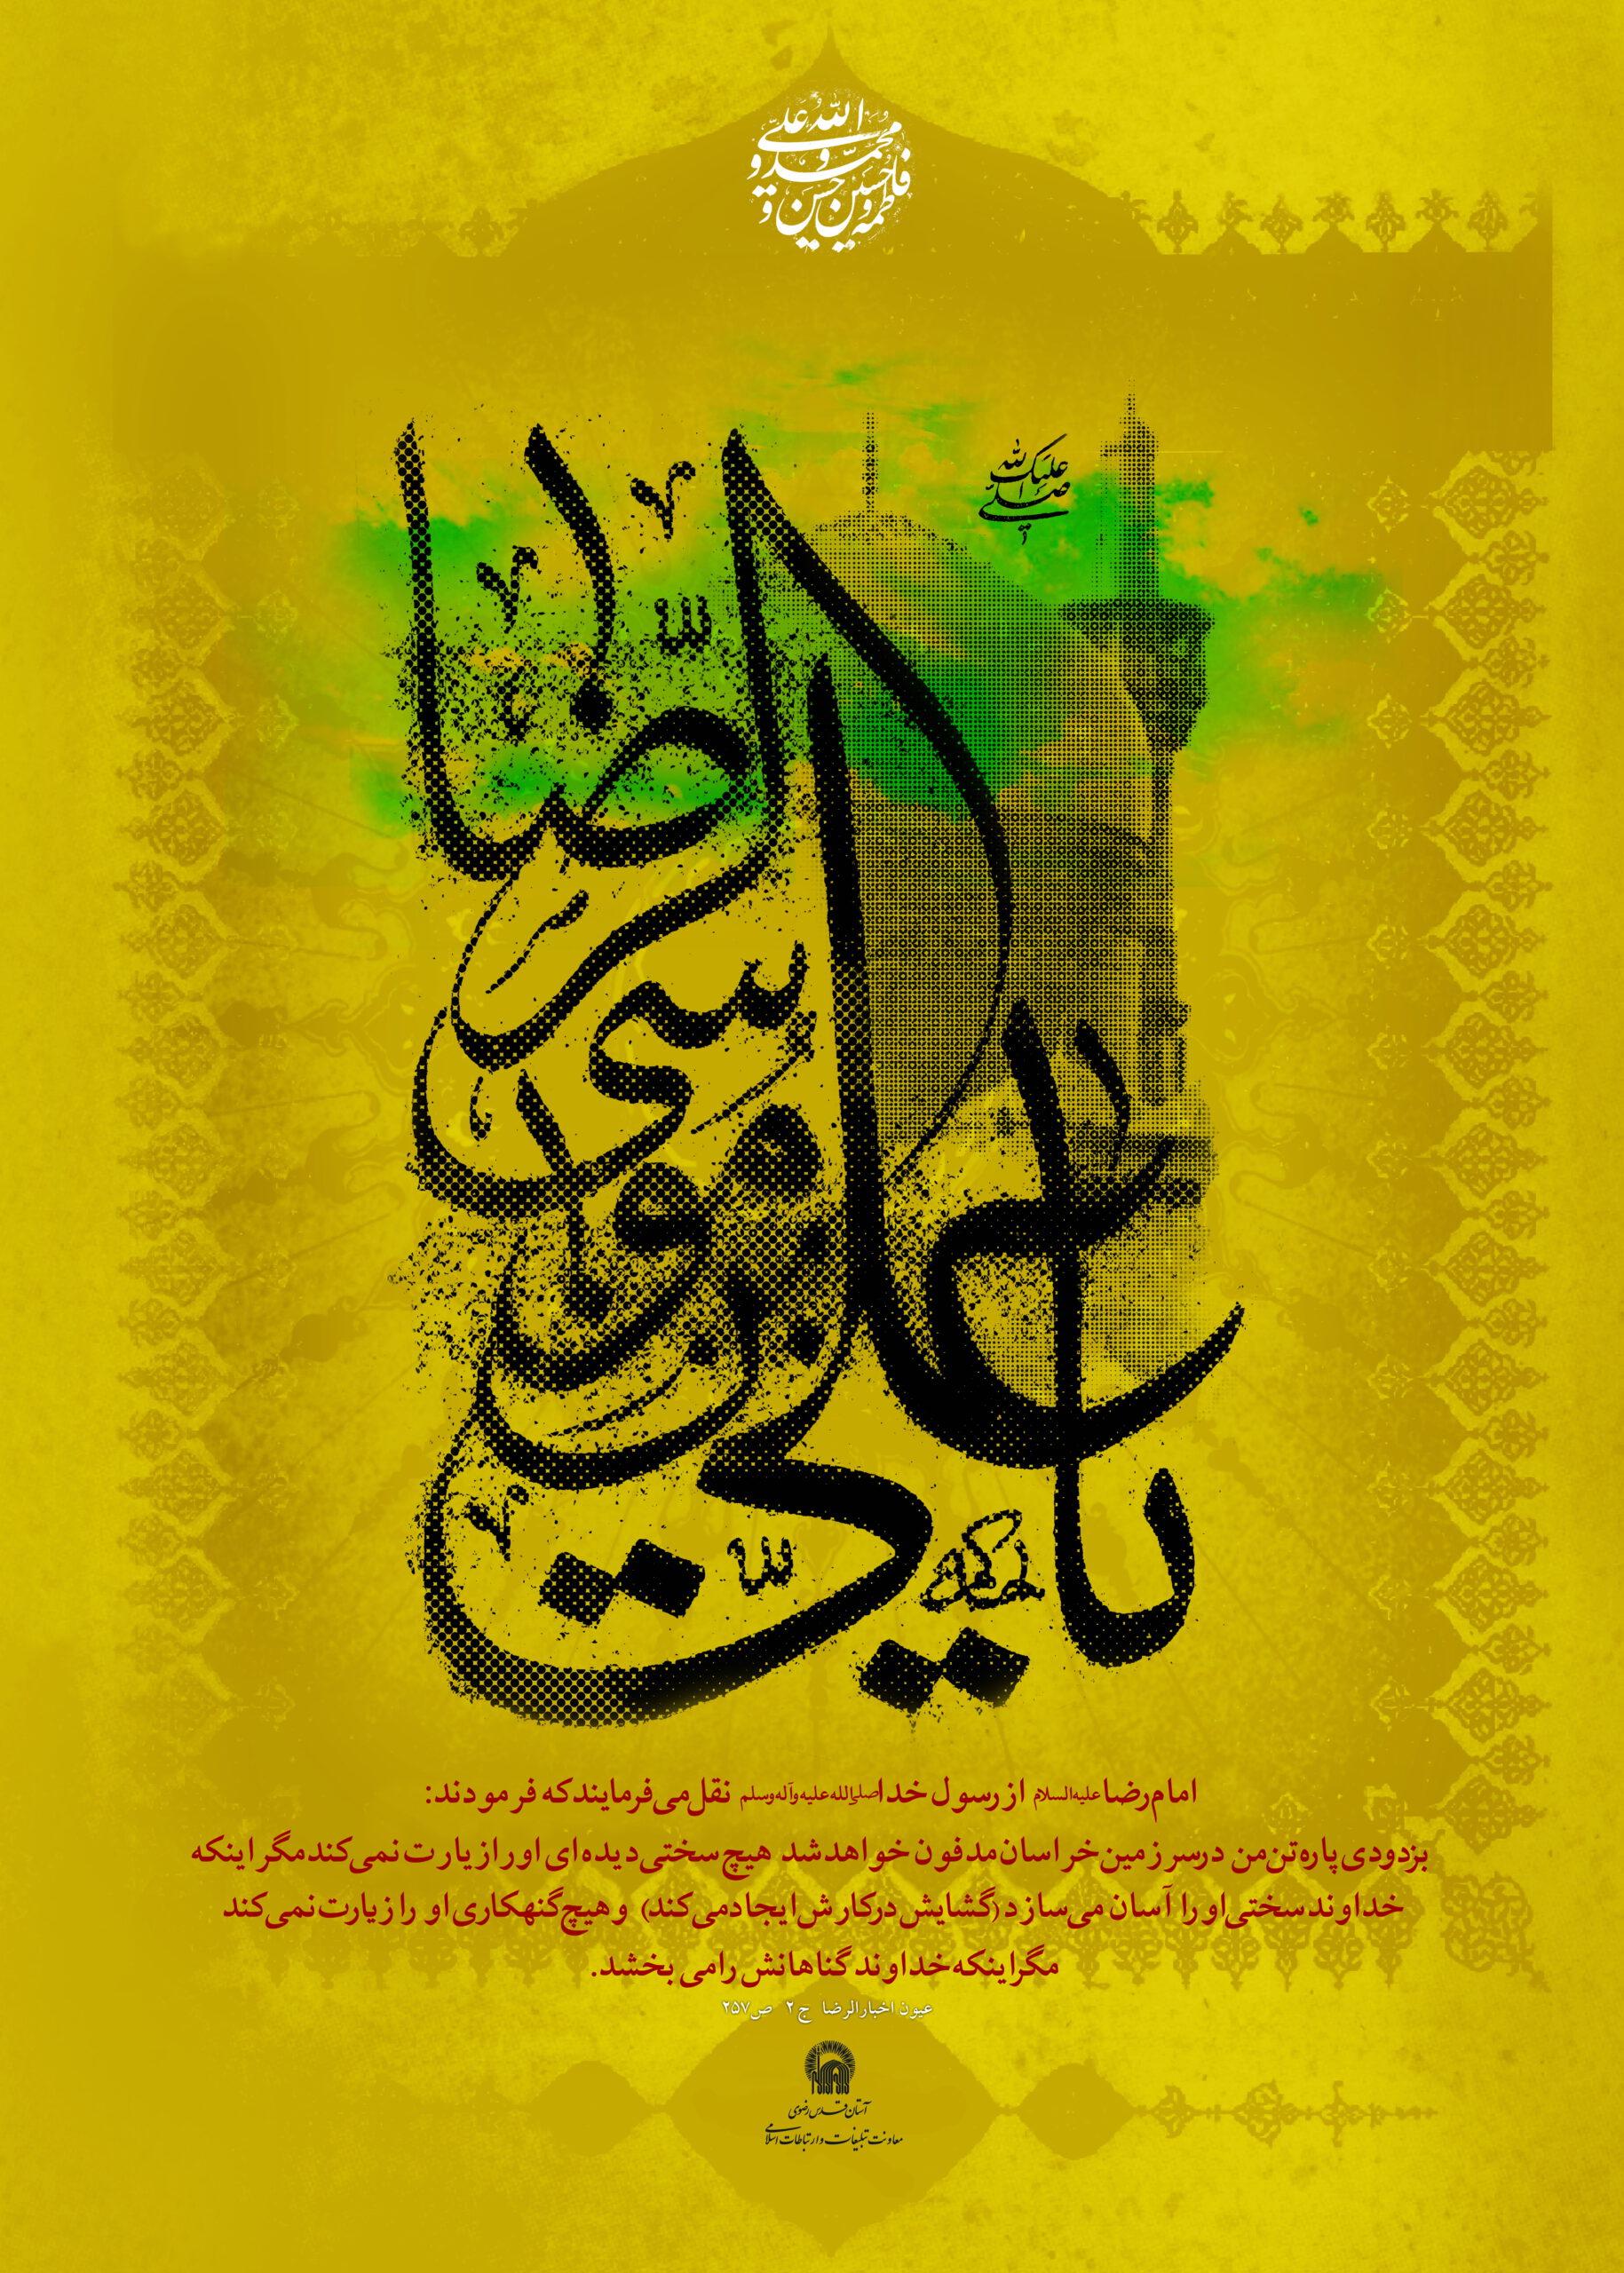 پوستر امام رضا (ع) دانلود دانلود رایگان پوستر زیارت امام رضا (ع) + تصاویر 381 scaled